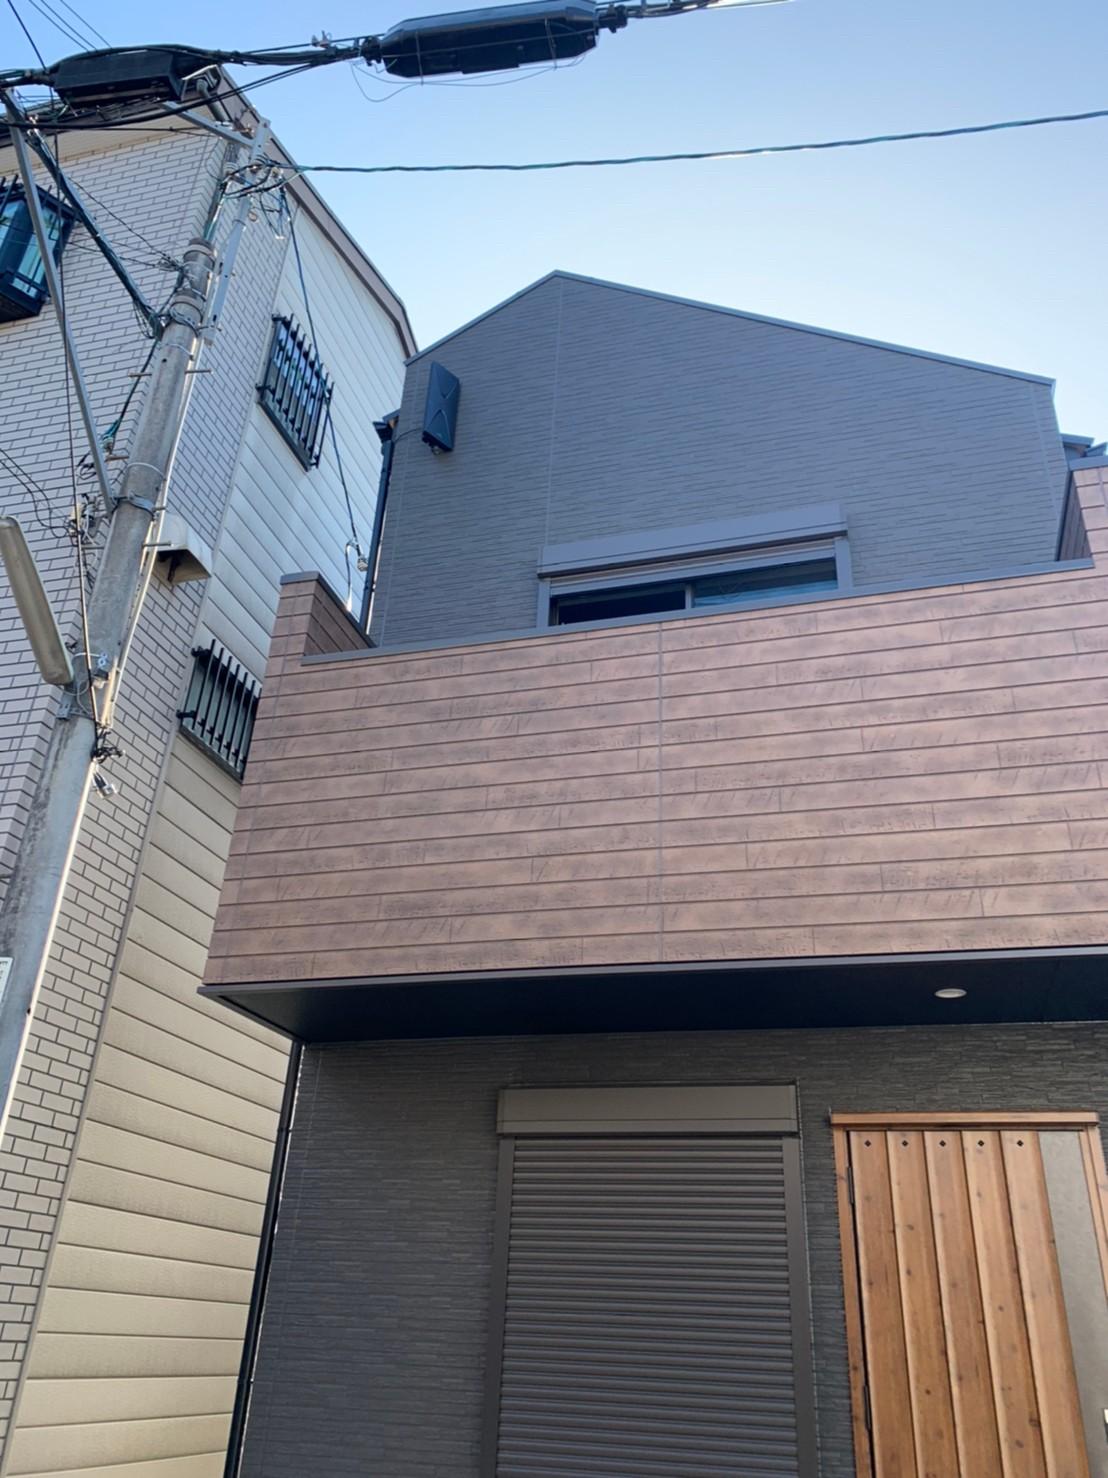 大阪府堺市 新築 地デジデザインアンテナ取付設置工事